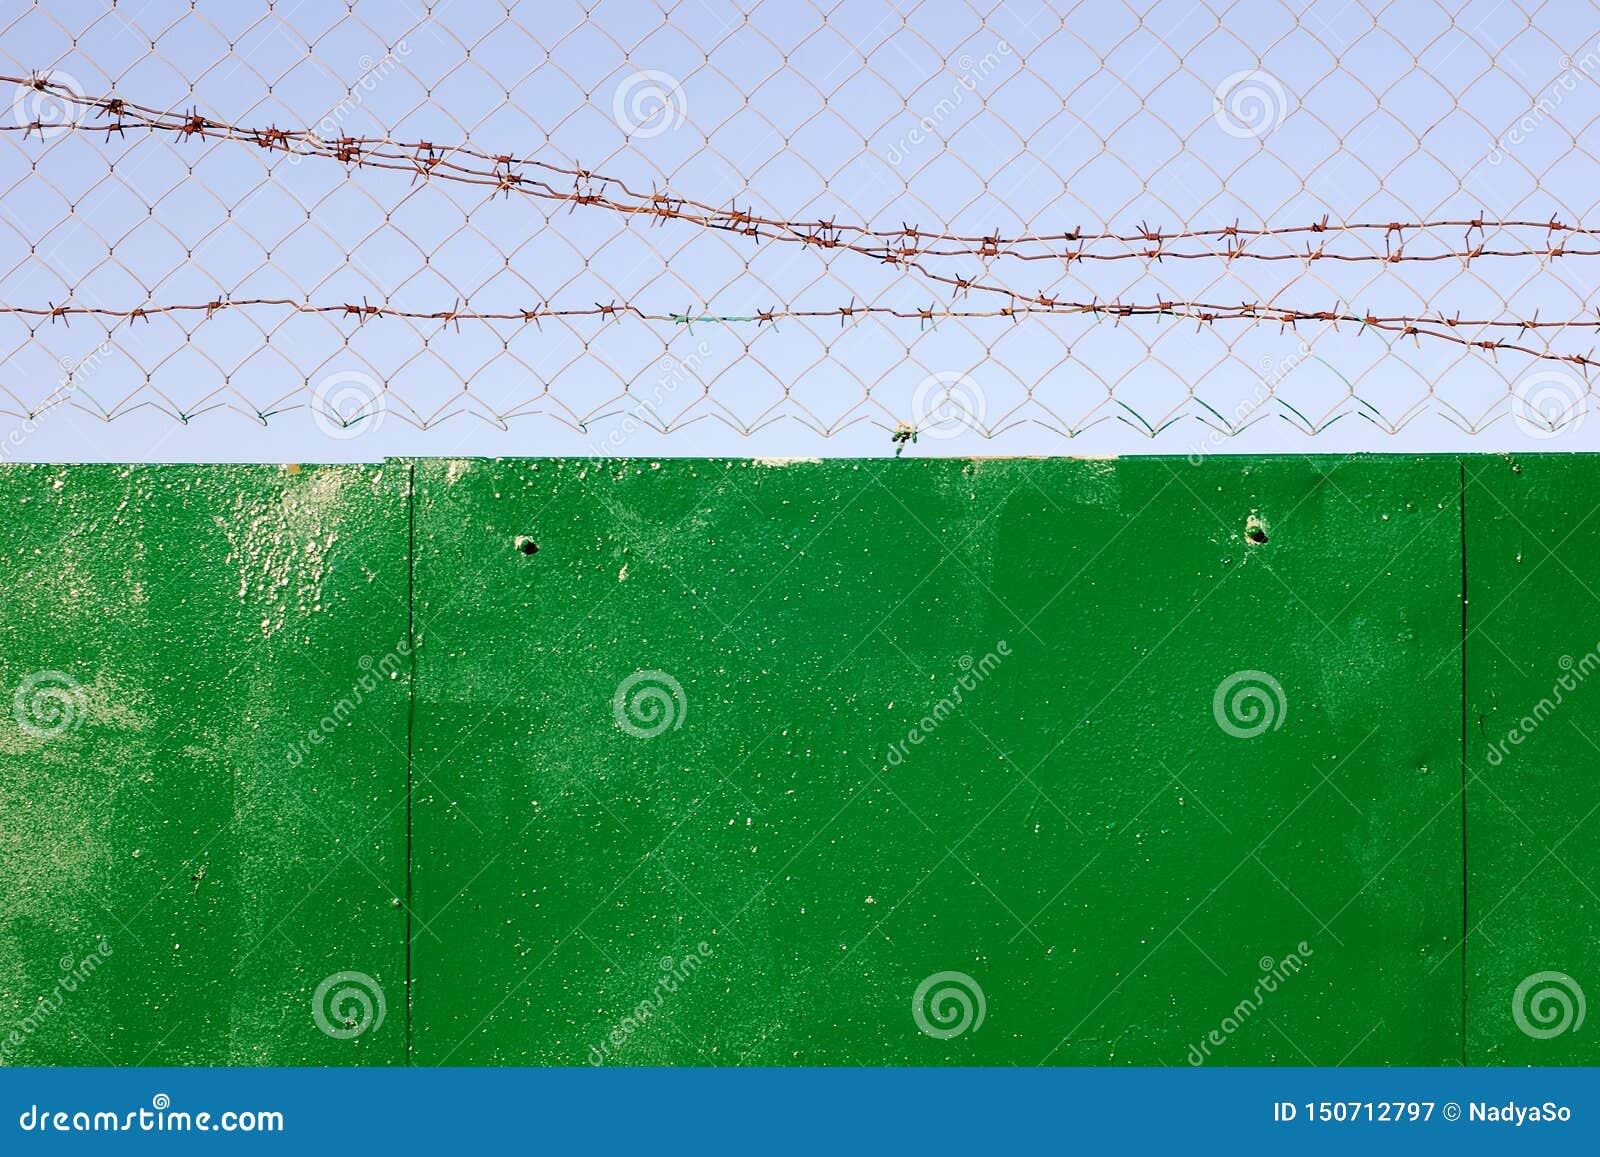 Kedja-sammanlänkning och taggtråd överst av det gröna staketet